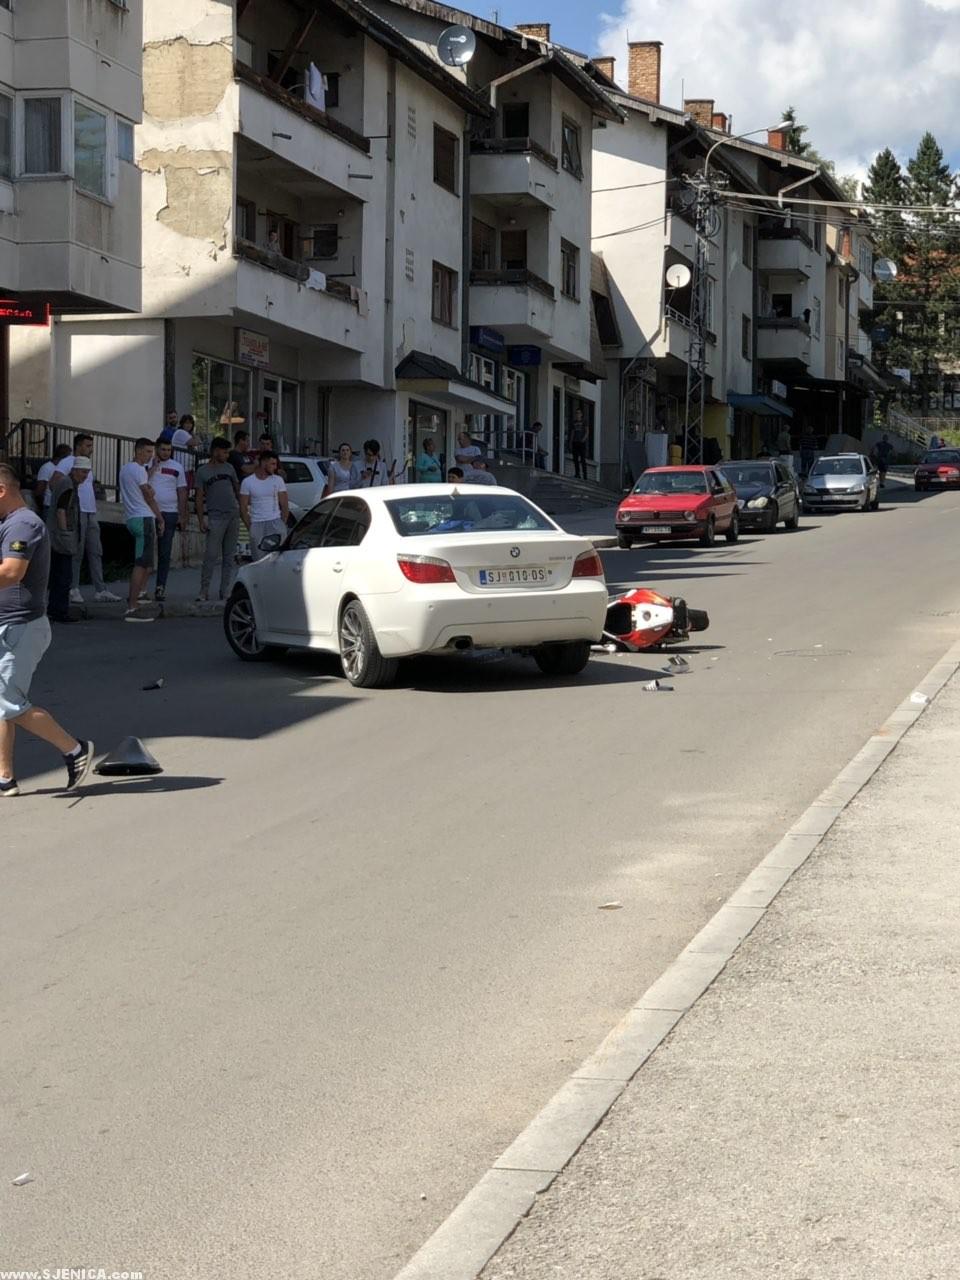 Udes Sjenica - BMW motor